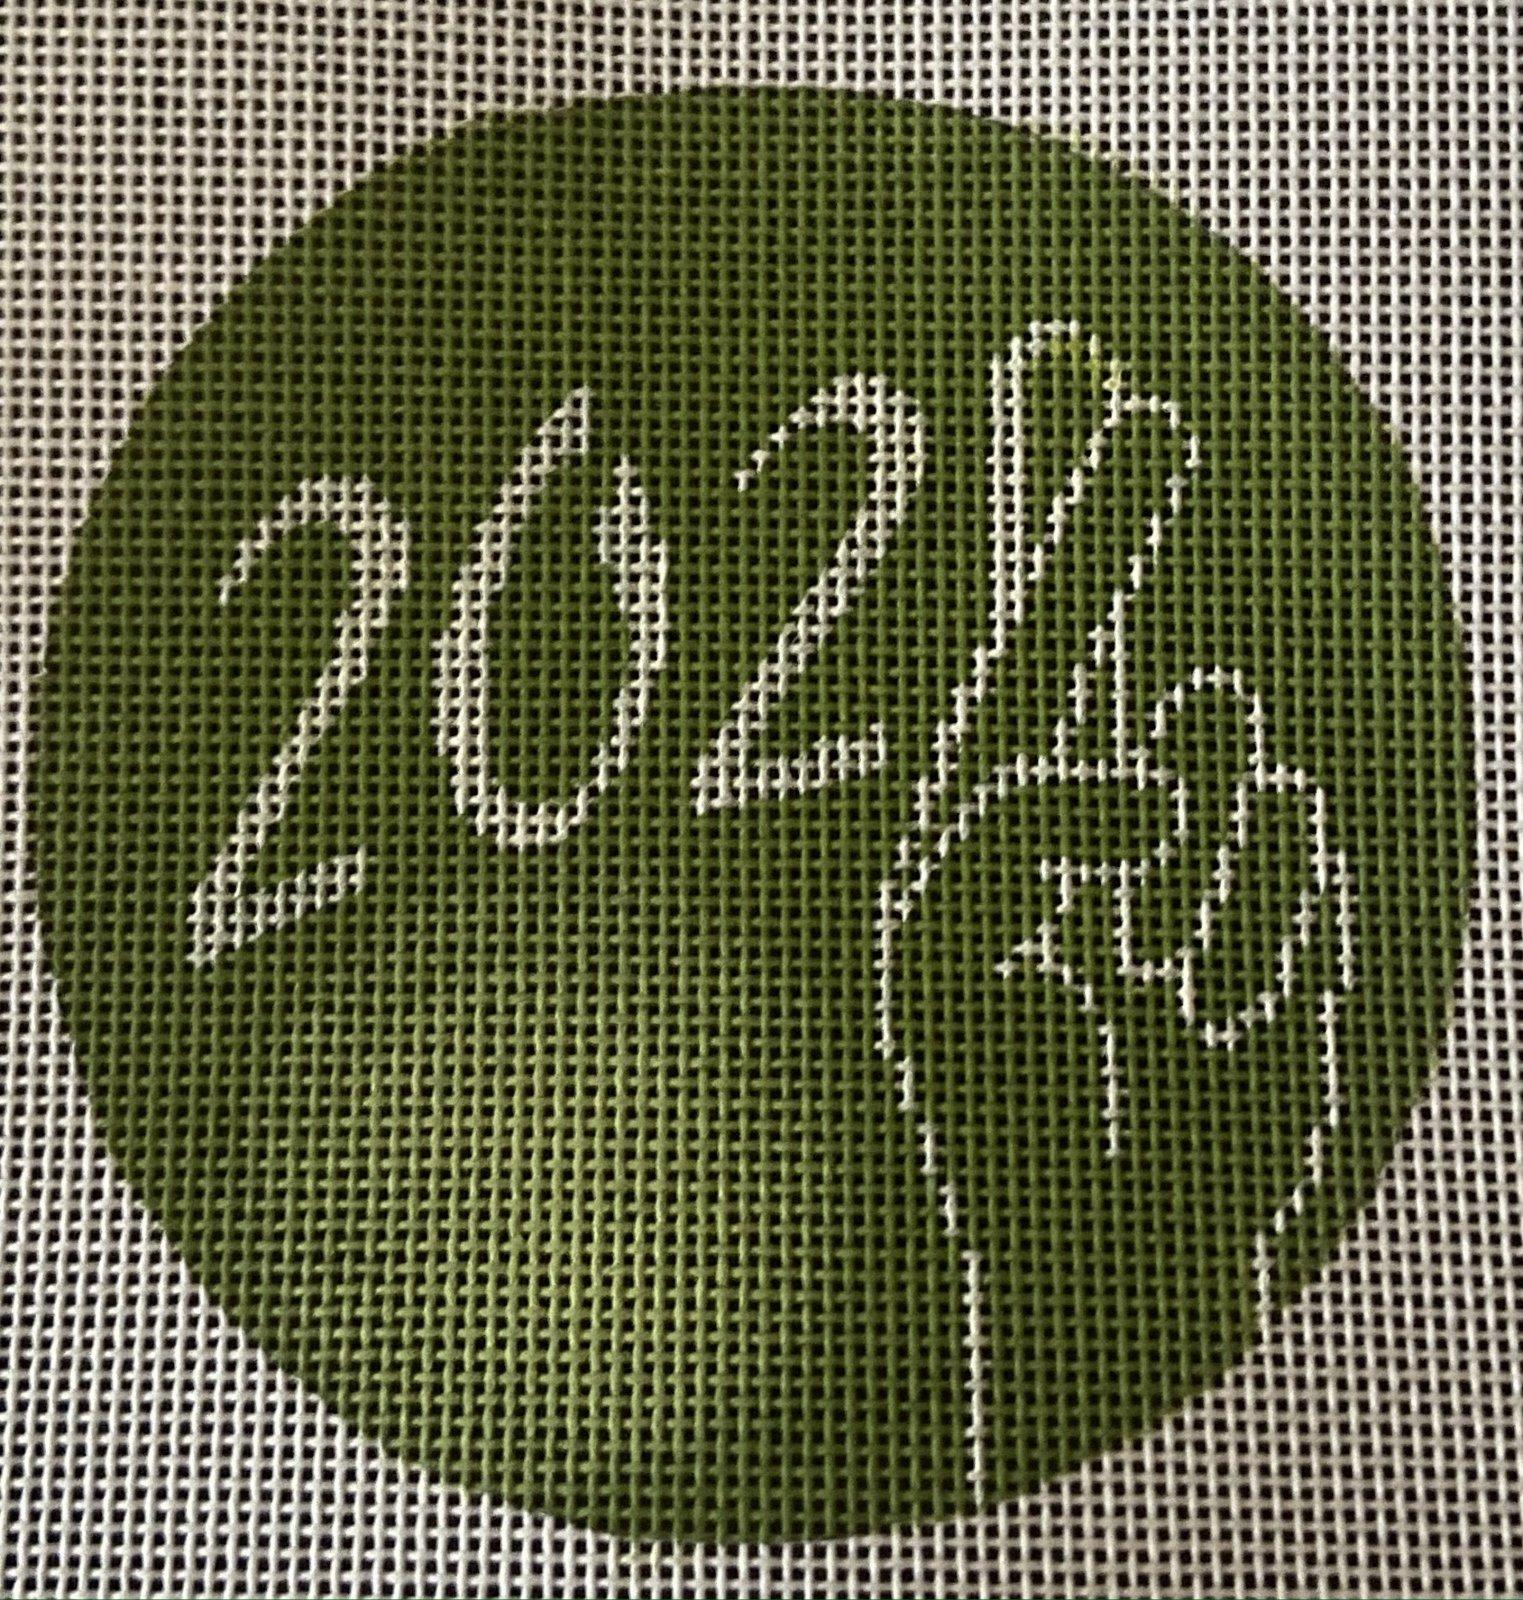 Hopeful 2021